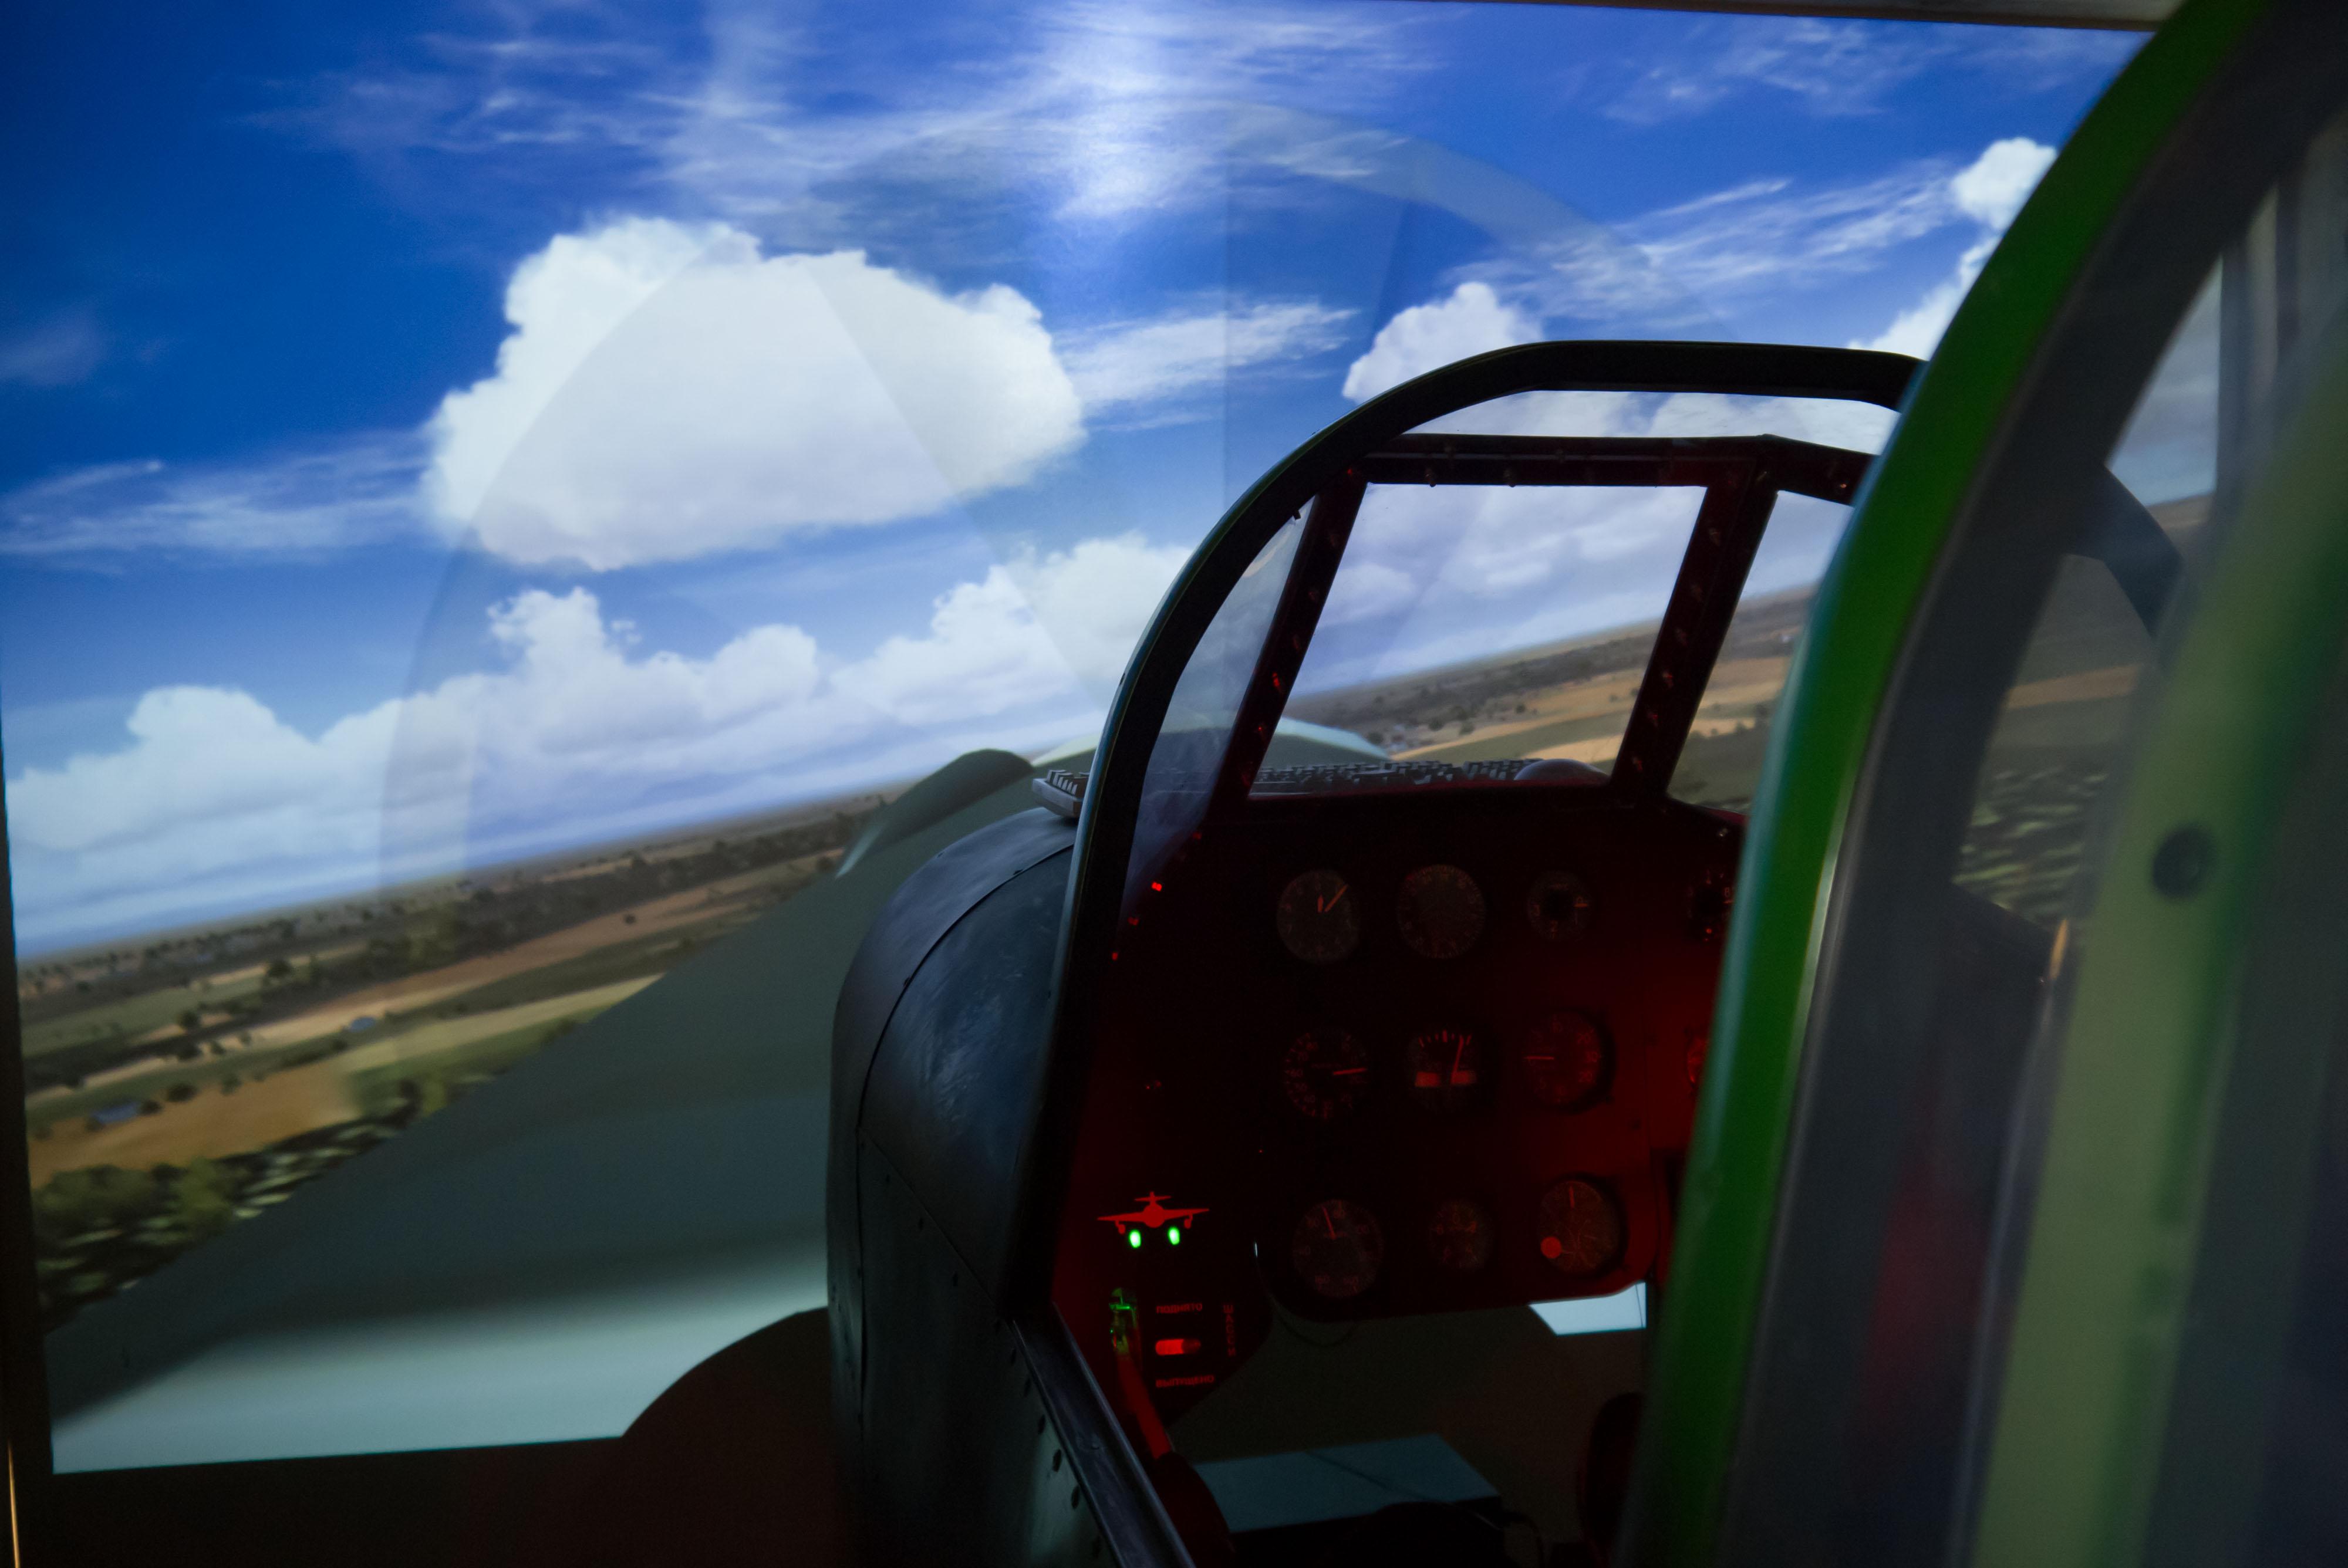 Авиасимулятор самолета времен второй мировой войны